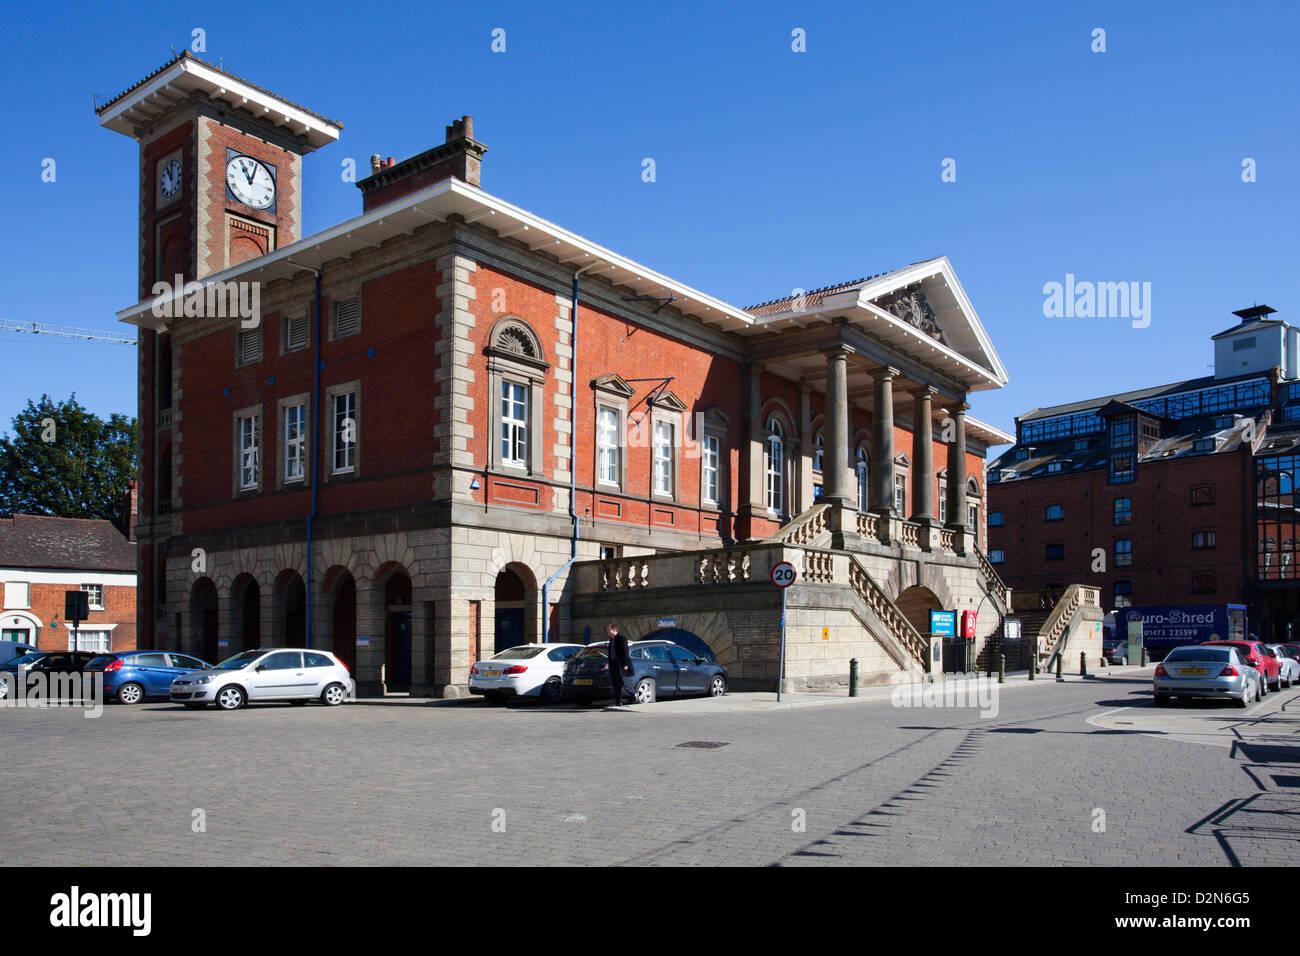 Das alte Zollhaus in Ipswich Marina, Ipswich, Suffolk, England, Vereinigtes Königreich, Europa Stockbild